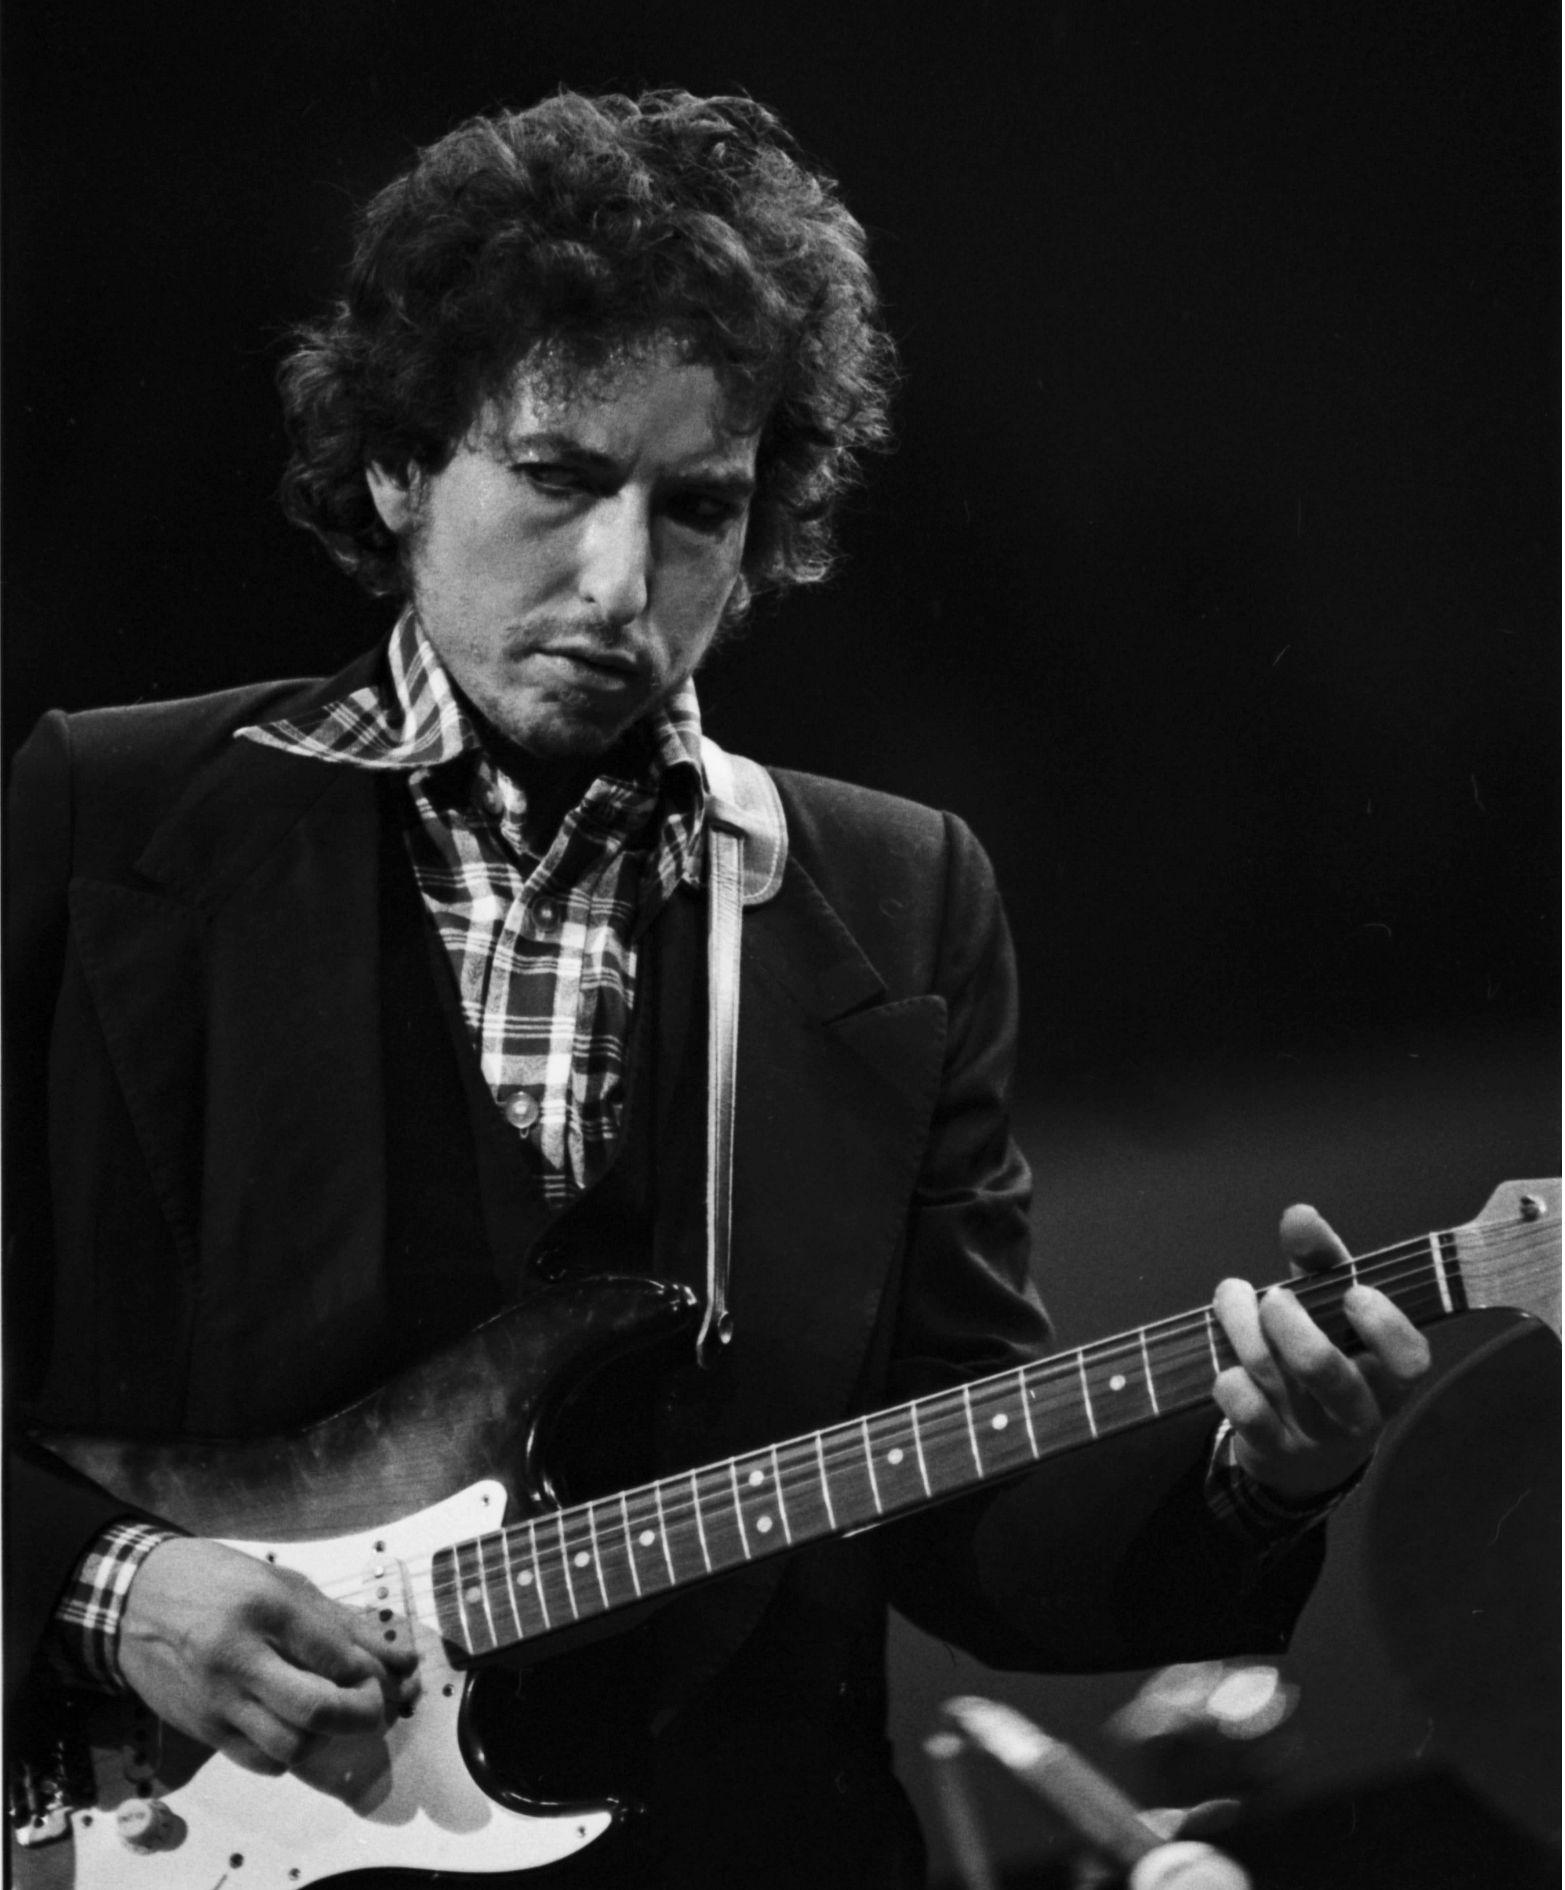 Bob Dylan plays guitar